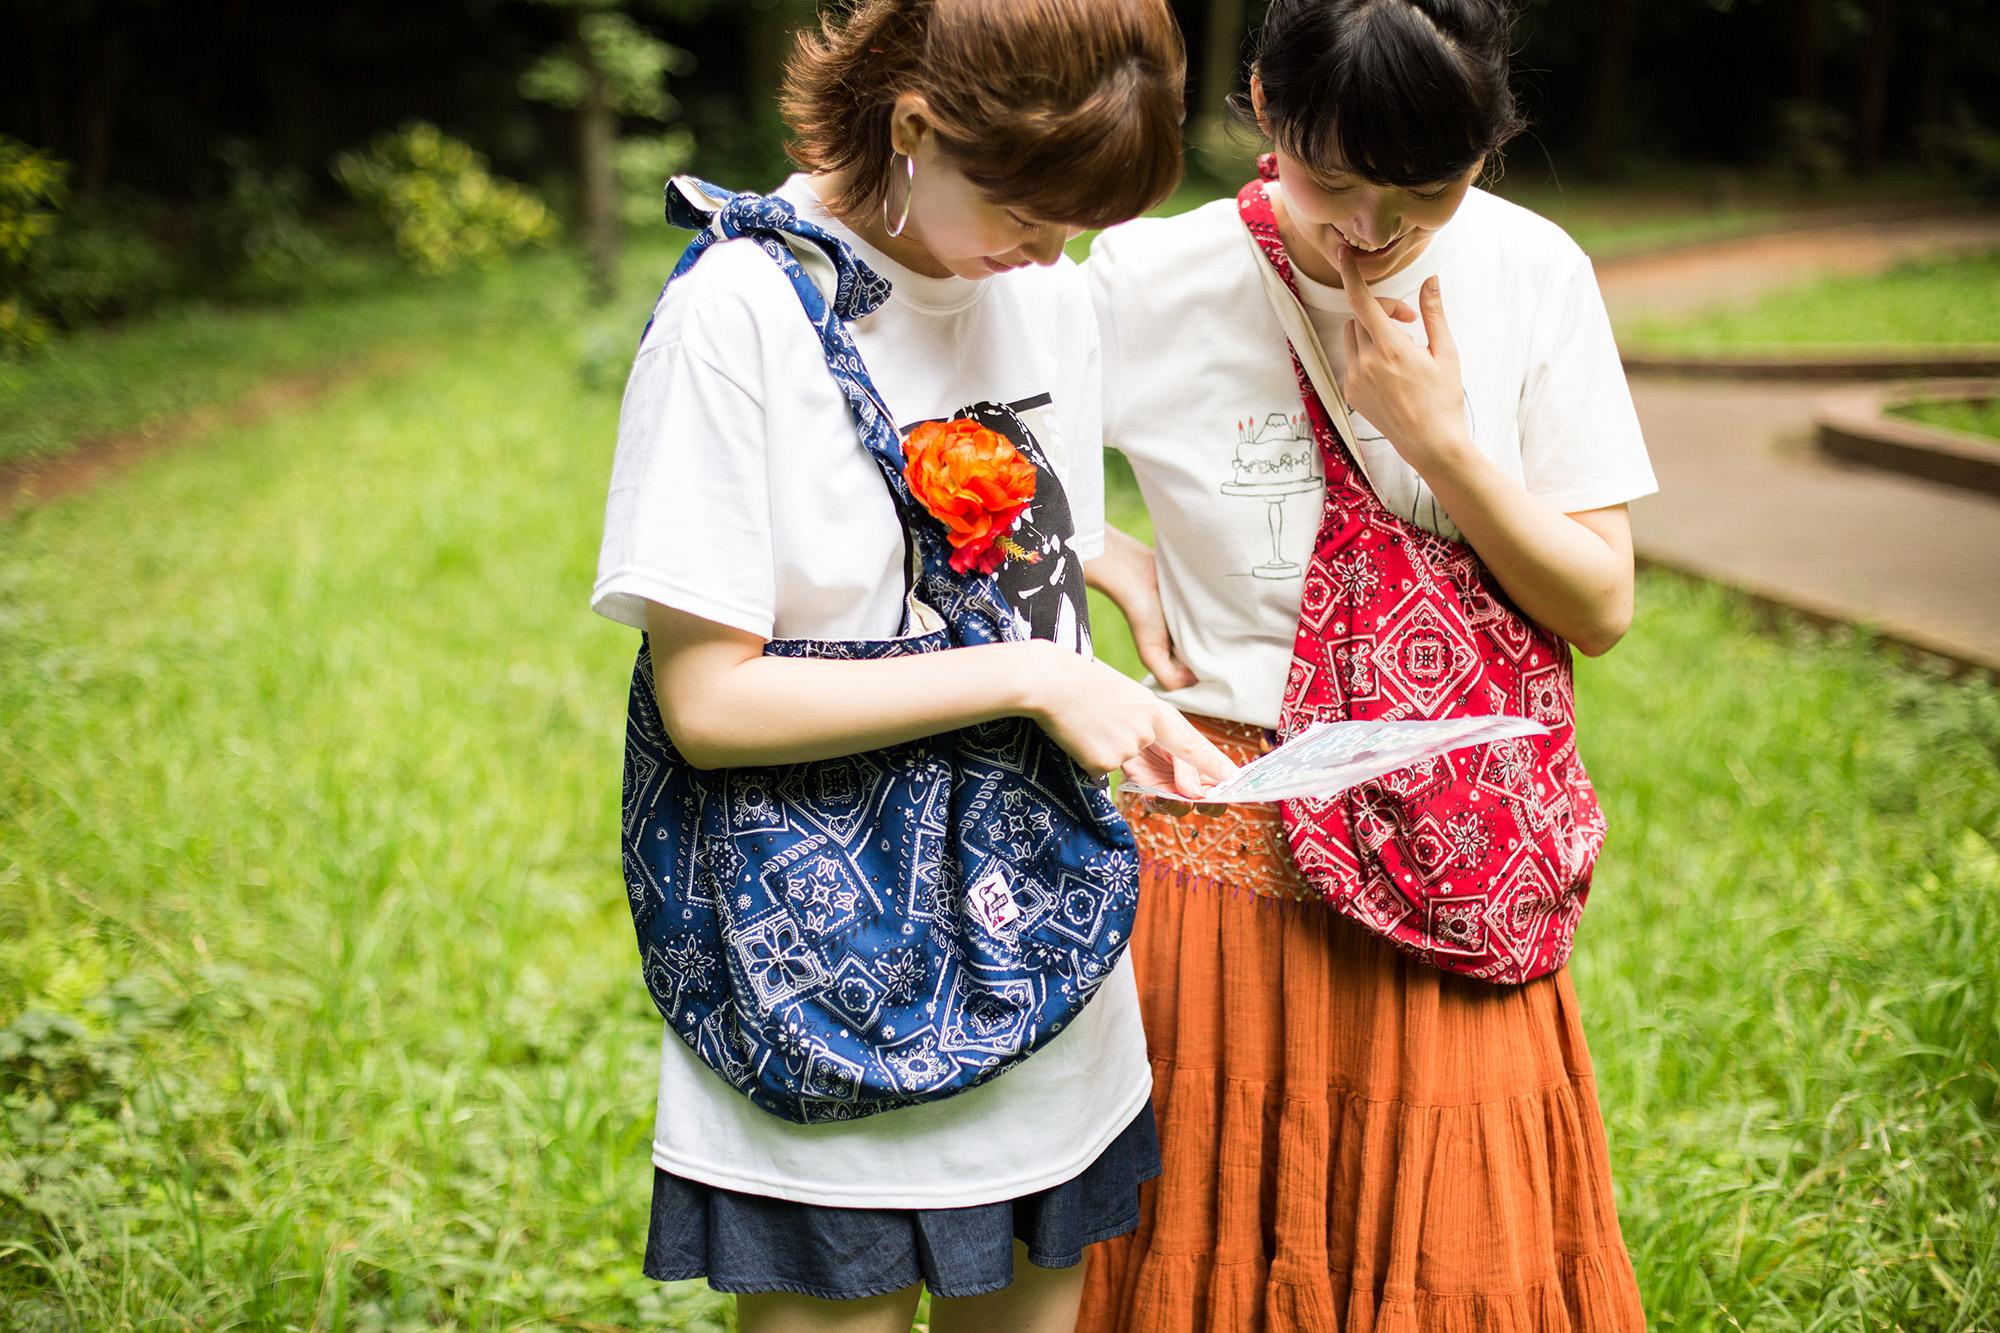 【フェスファッション】フジロックにも着ていきたい!2016年、夏フェスコーデ R7A3900